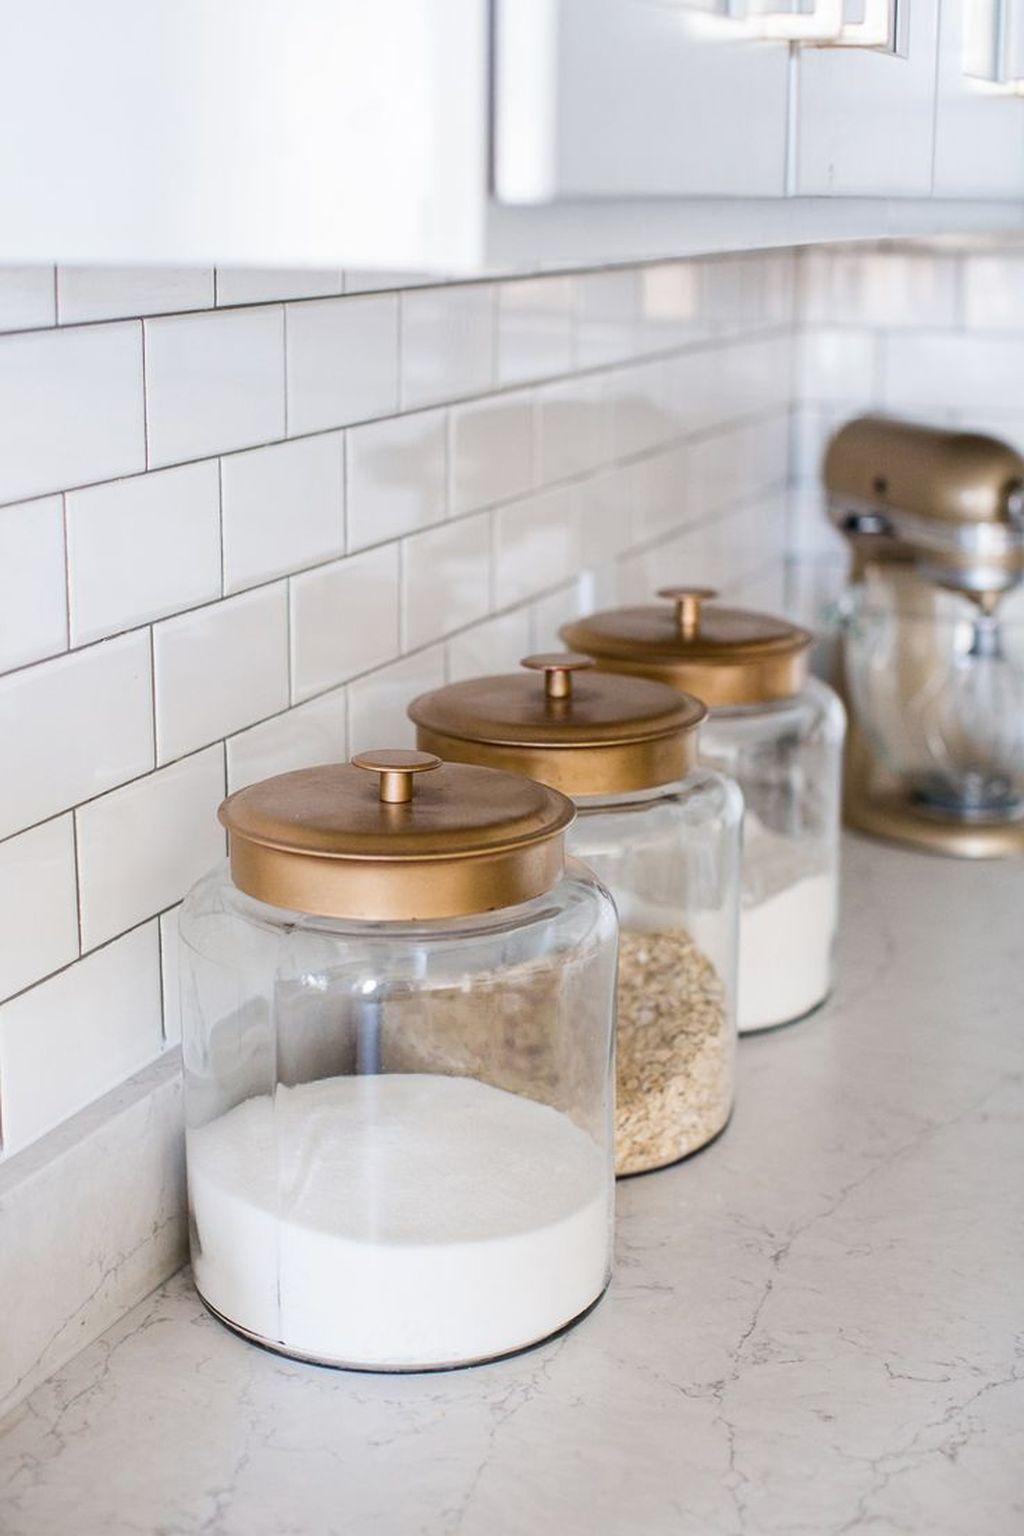 Amazing Organized Farmhouse Kitchen Decor Ideas 04